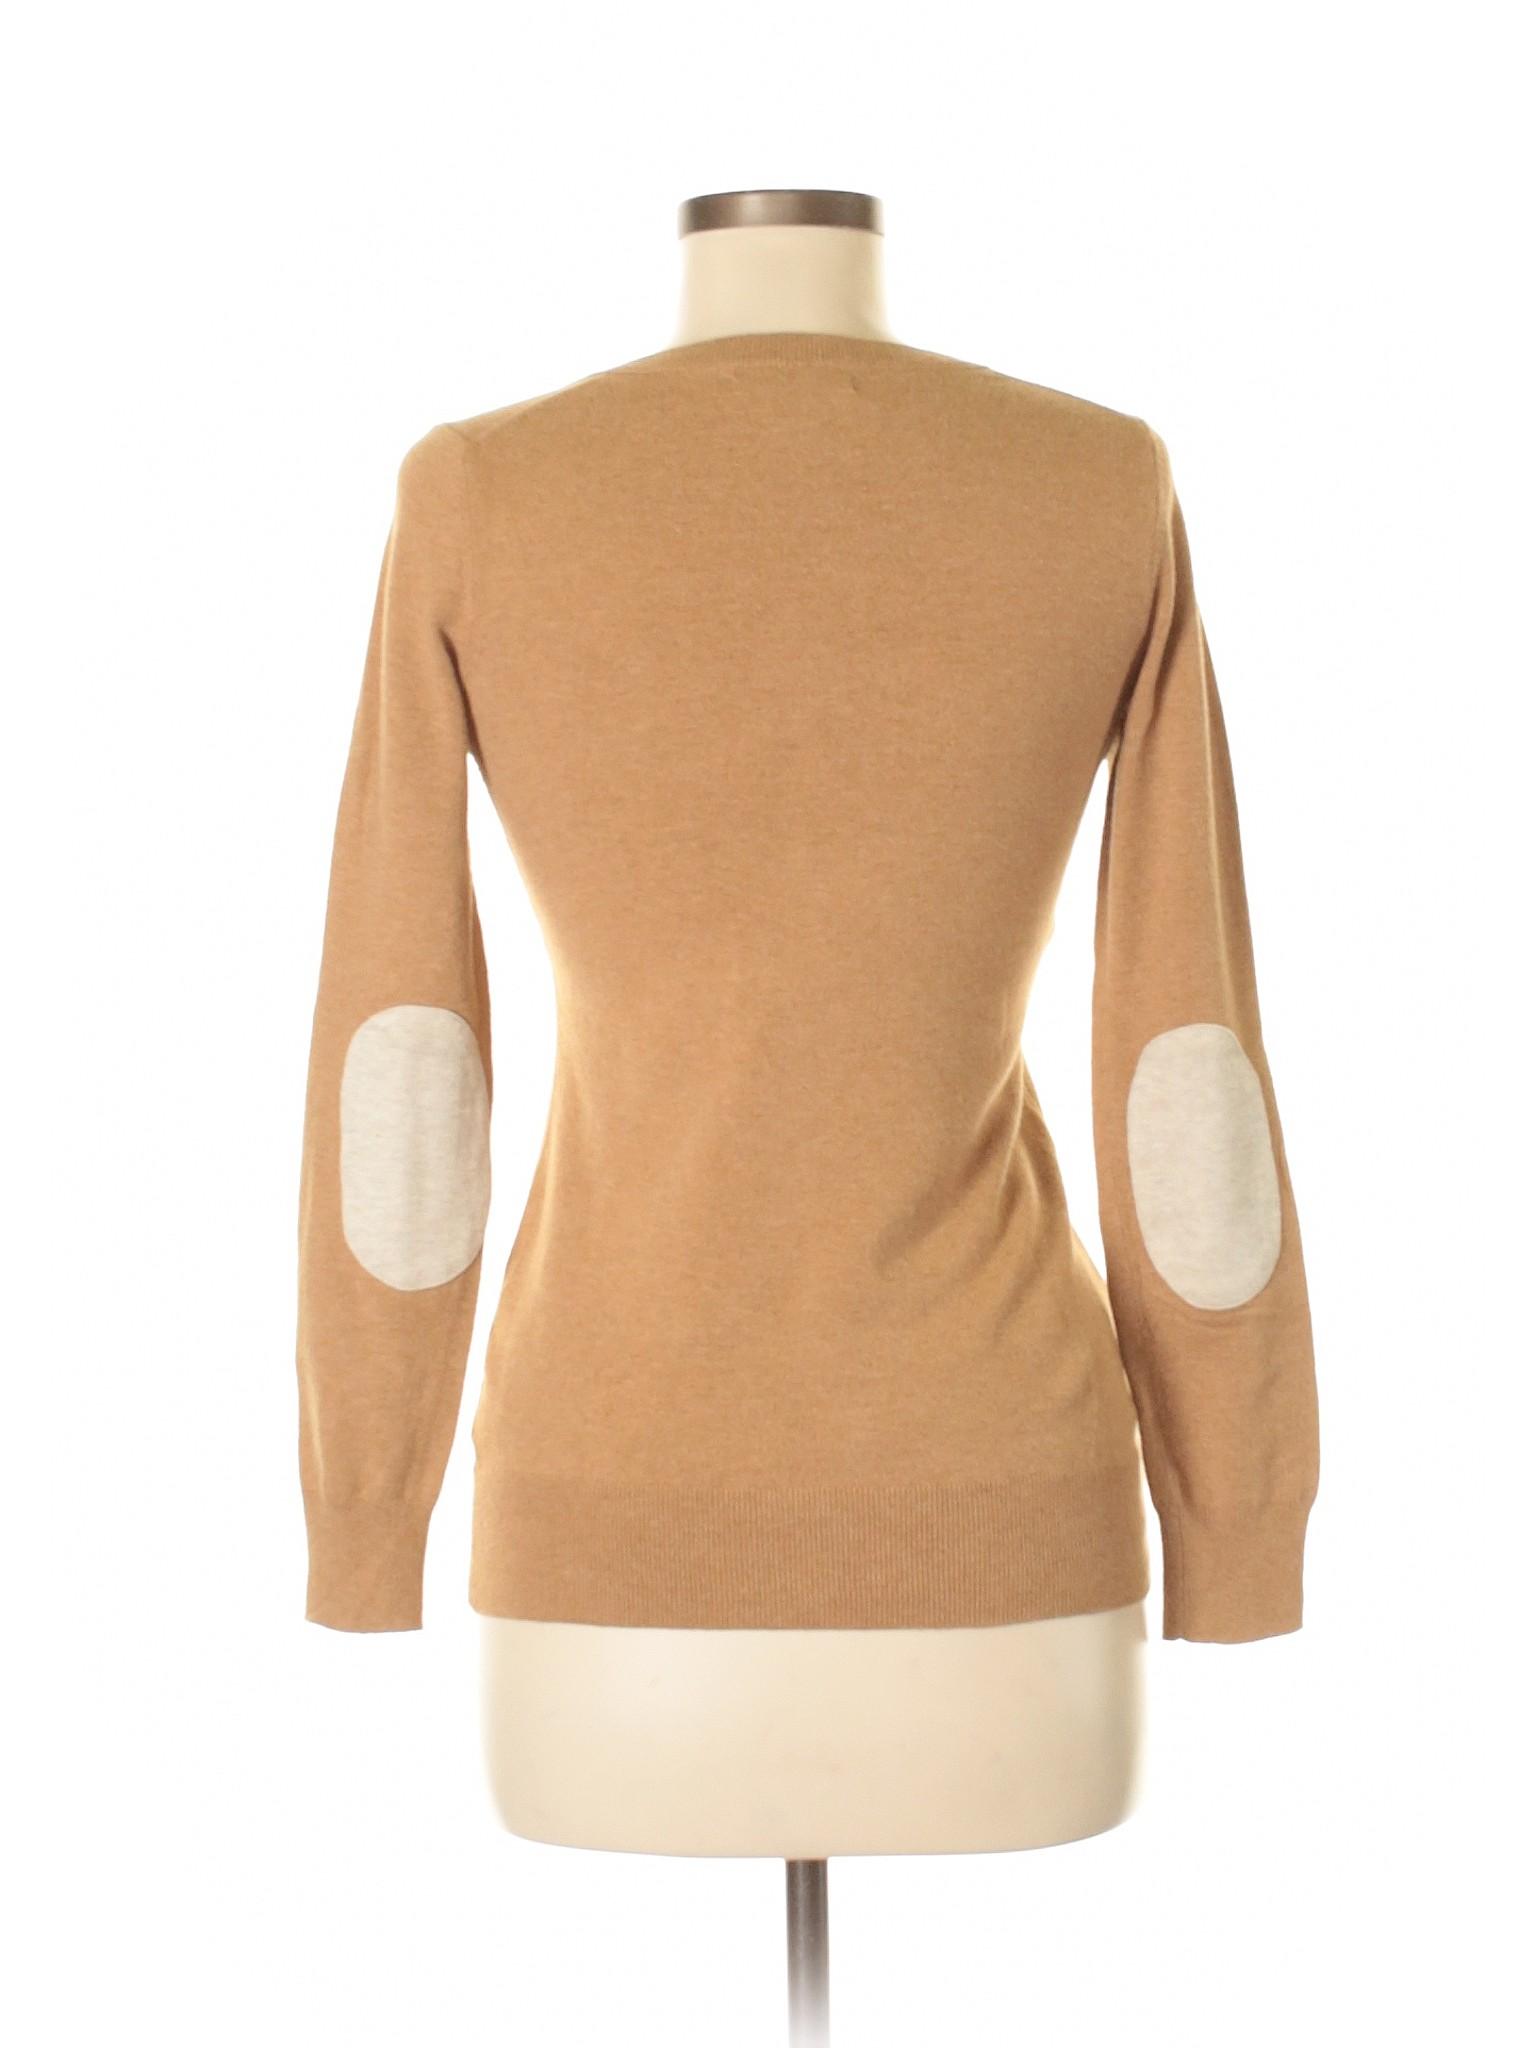 Boutique Republic winter Banana Sweater Pullover PrOPw